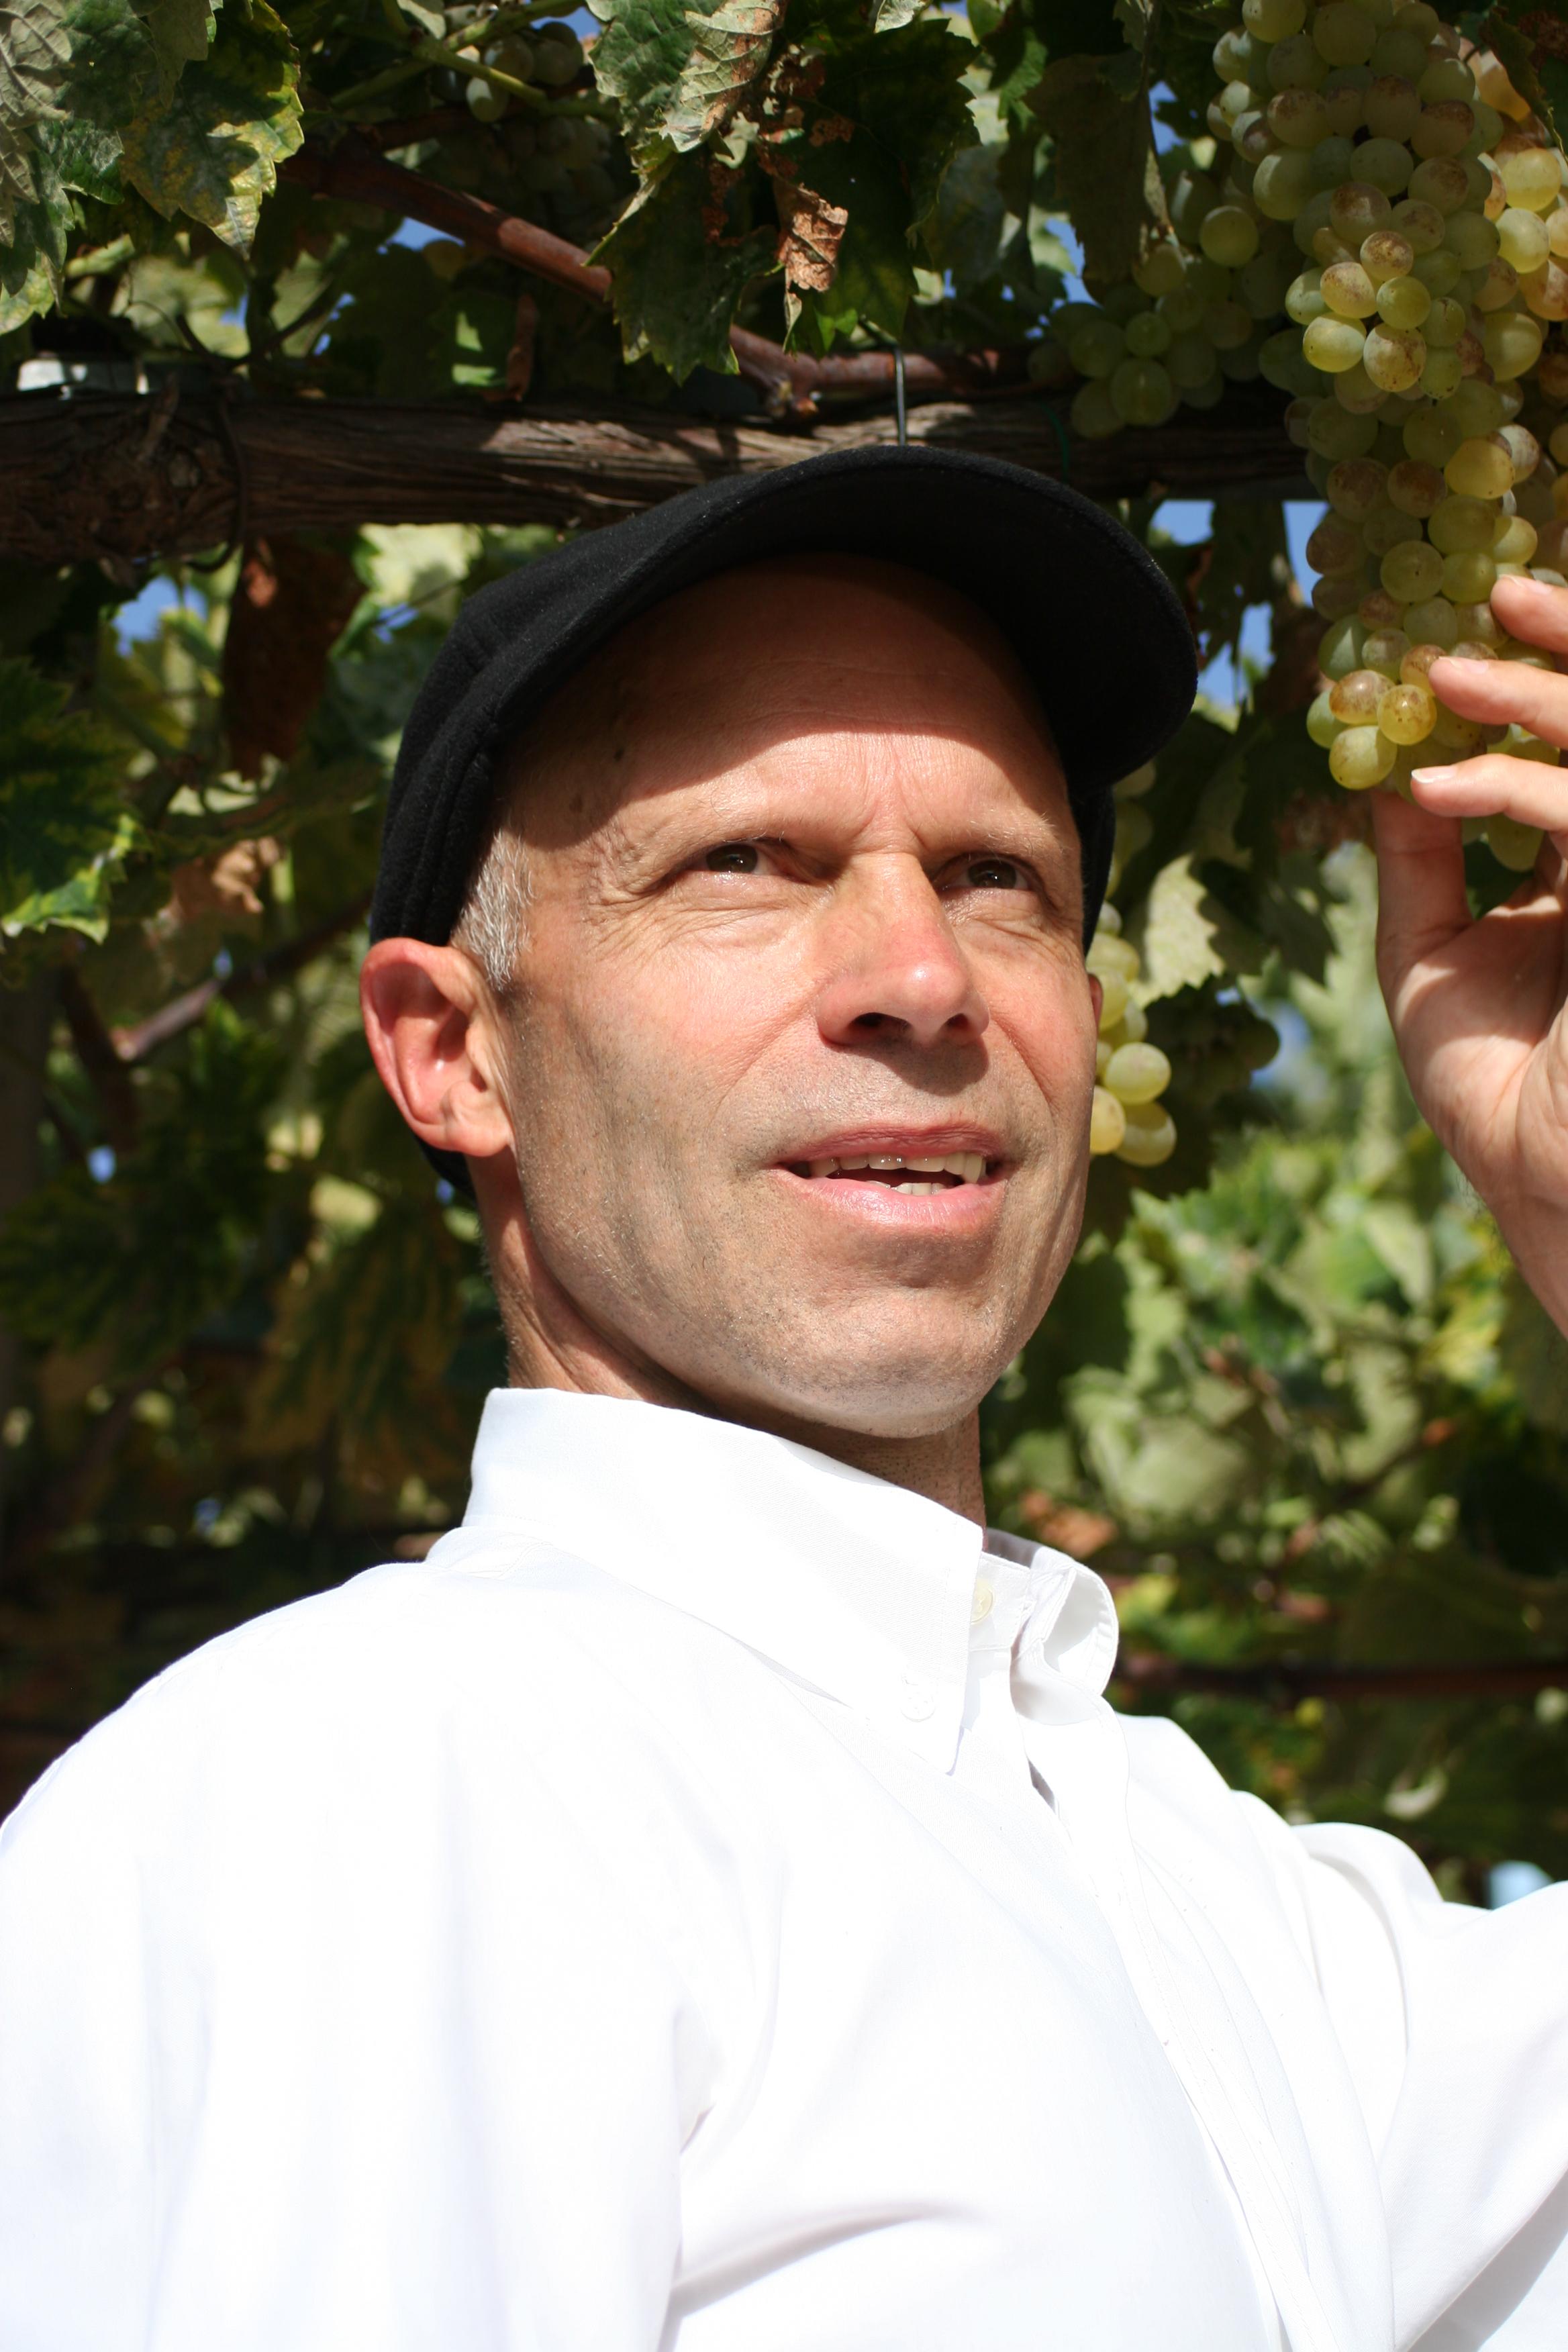 Karl Schefer, Gründer und Chef des Bio-Wein-Händlers Delinat. - KarlSchefer